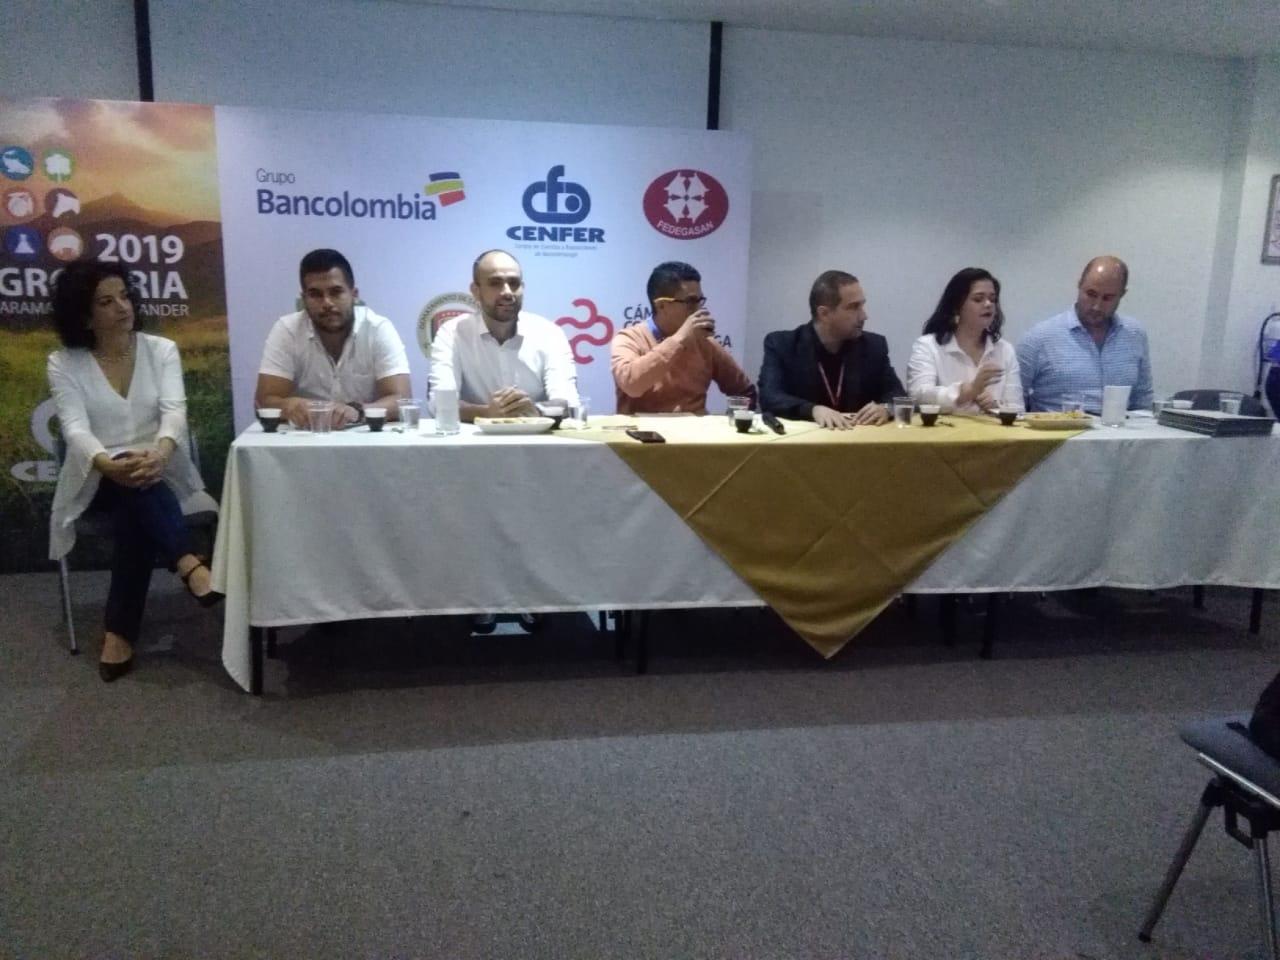 Lista la XVII Agroferia del Oriente Colombiano. El campo santandereano reunido bajo un mismo techo | Economía | EL FRENTE